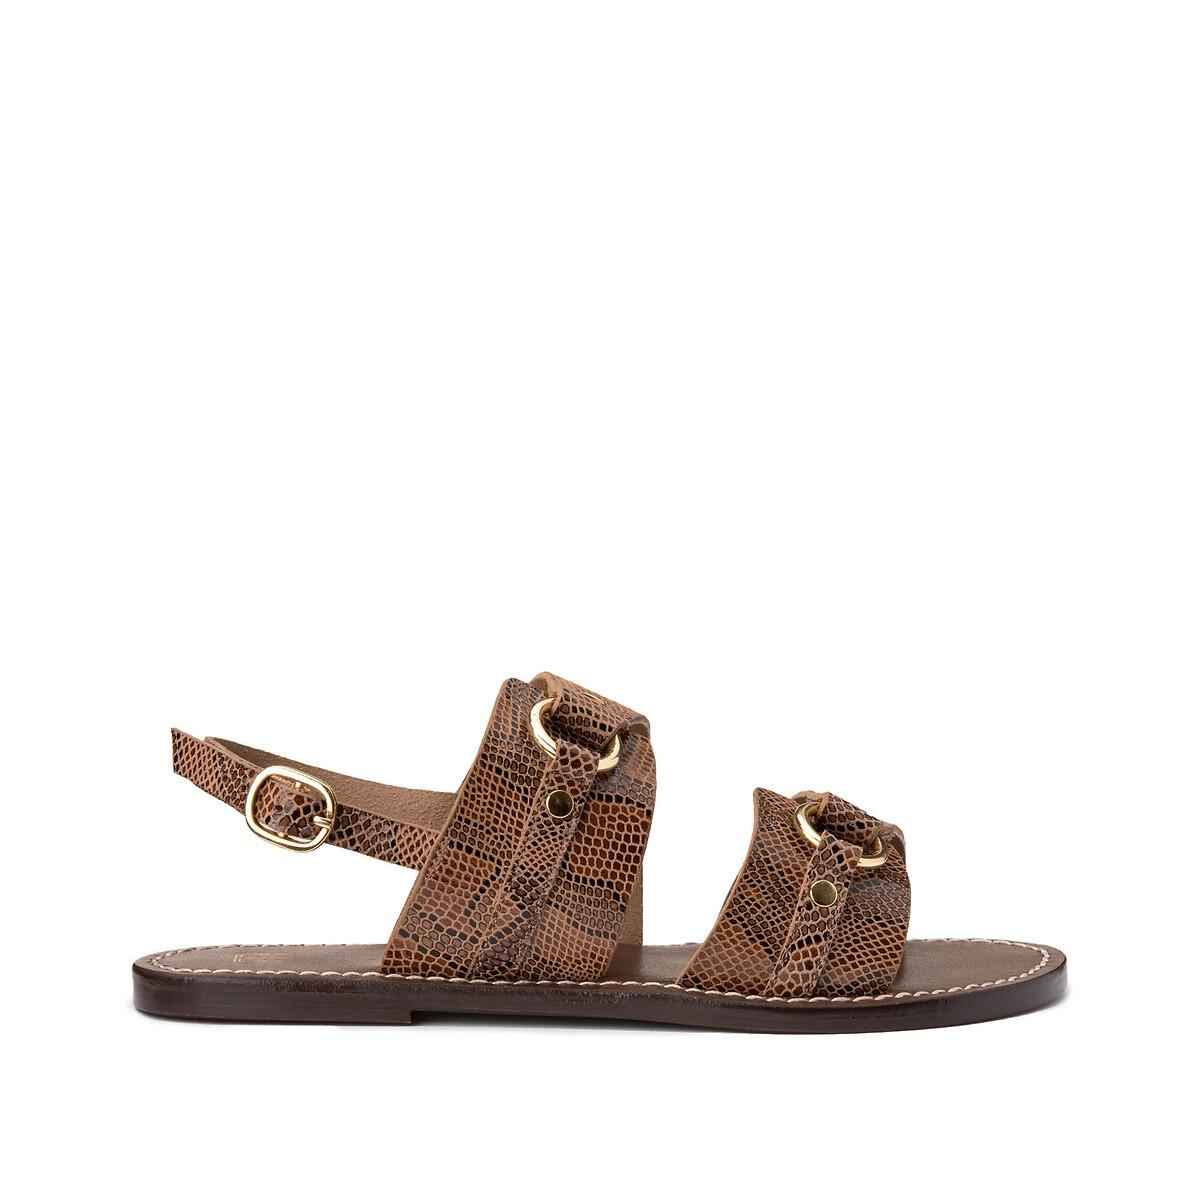 Сандалии LaRedoute Из кожи с питоновым принтом 39 каштановый ботинки laredoute из кожи на широком каблуке с питоновым принтом 39 бежевый